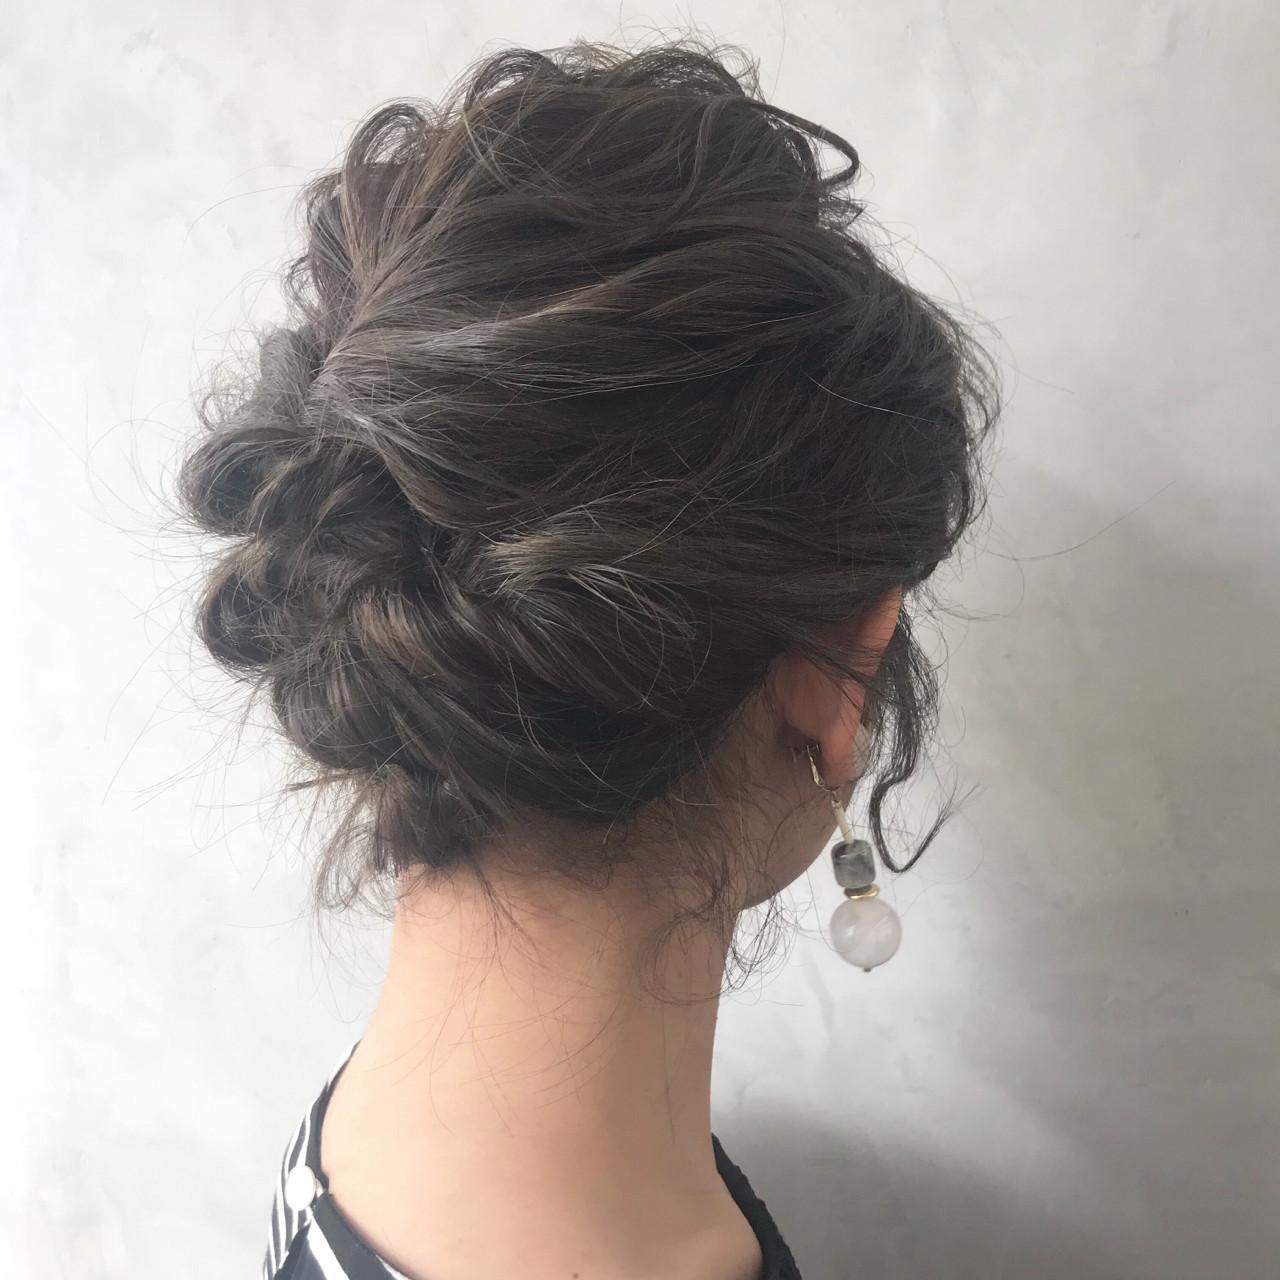 大人かわいい ボブ 結婚式 フェミニン ヘアスタイルや髪型の写真・画像